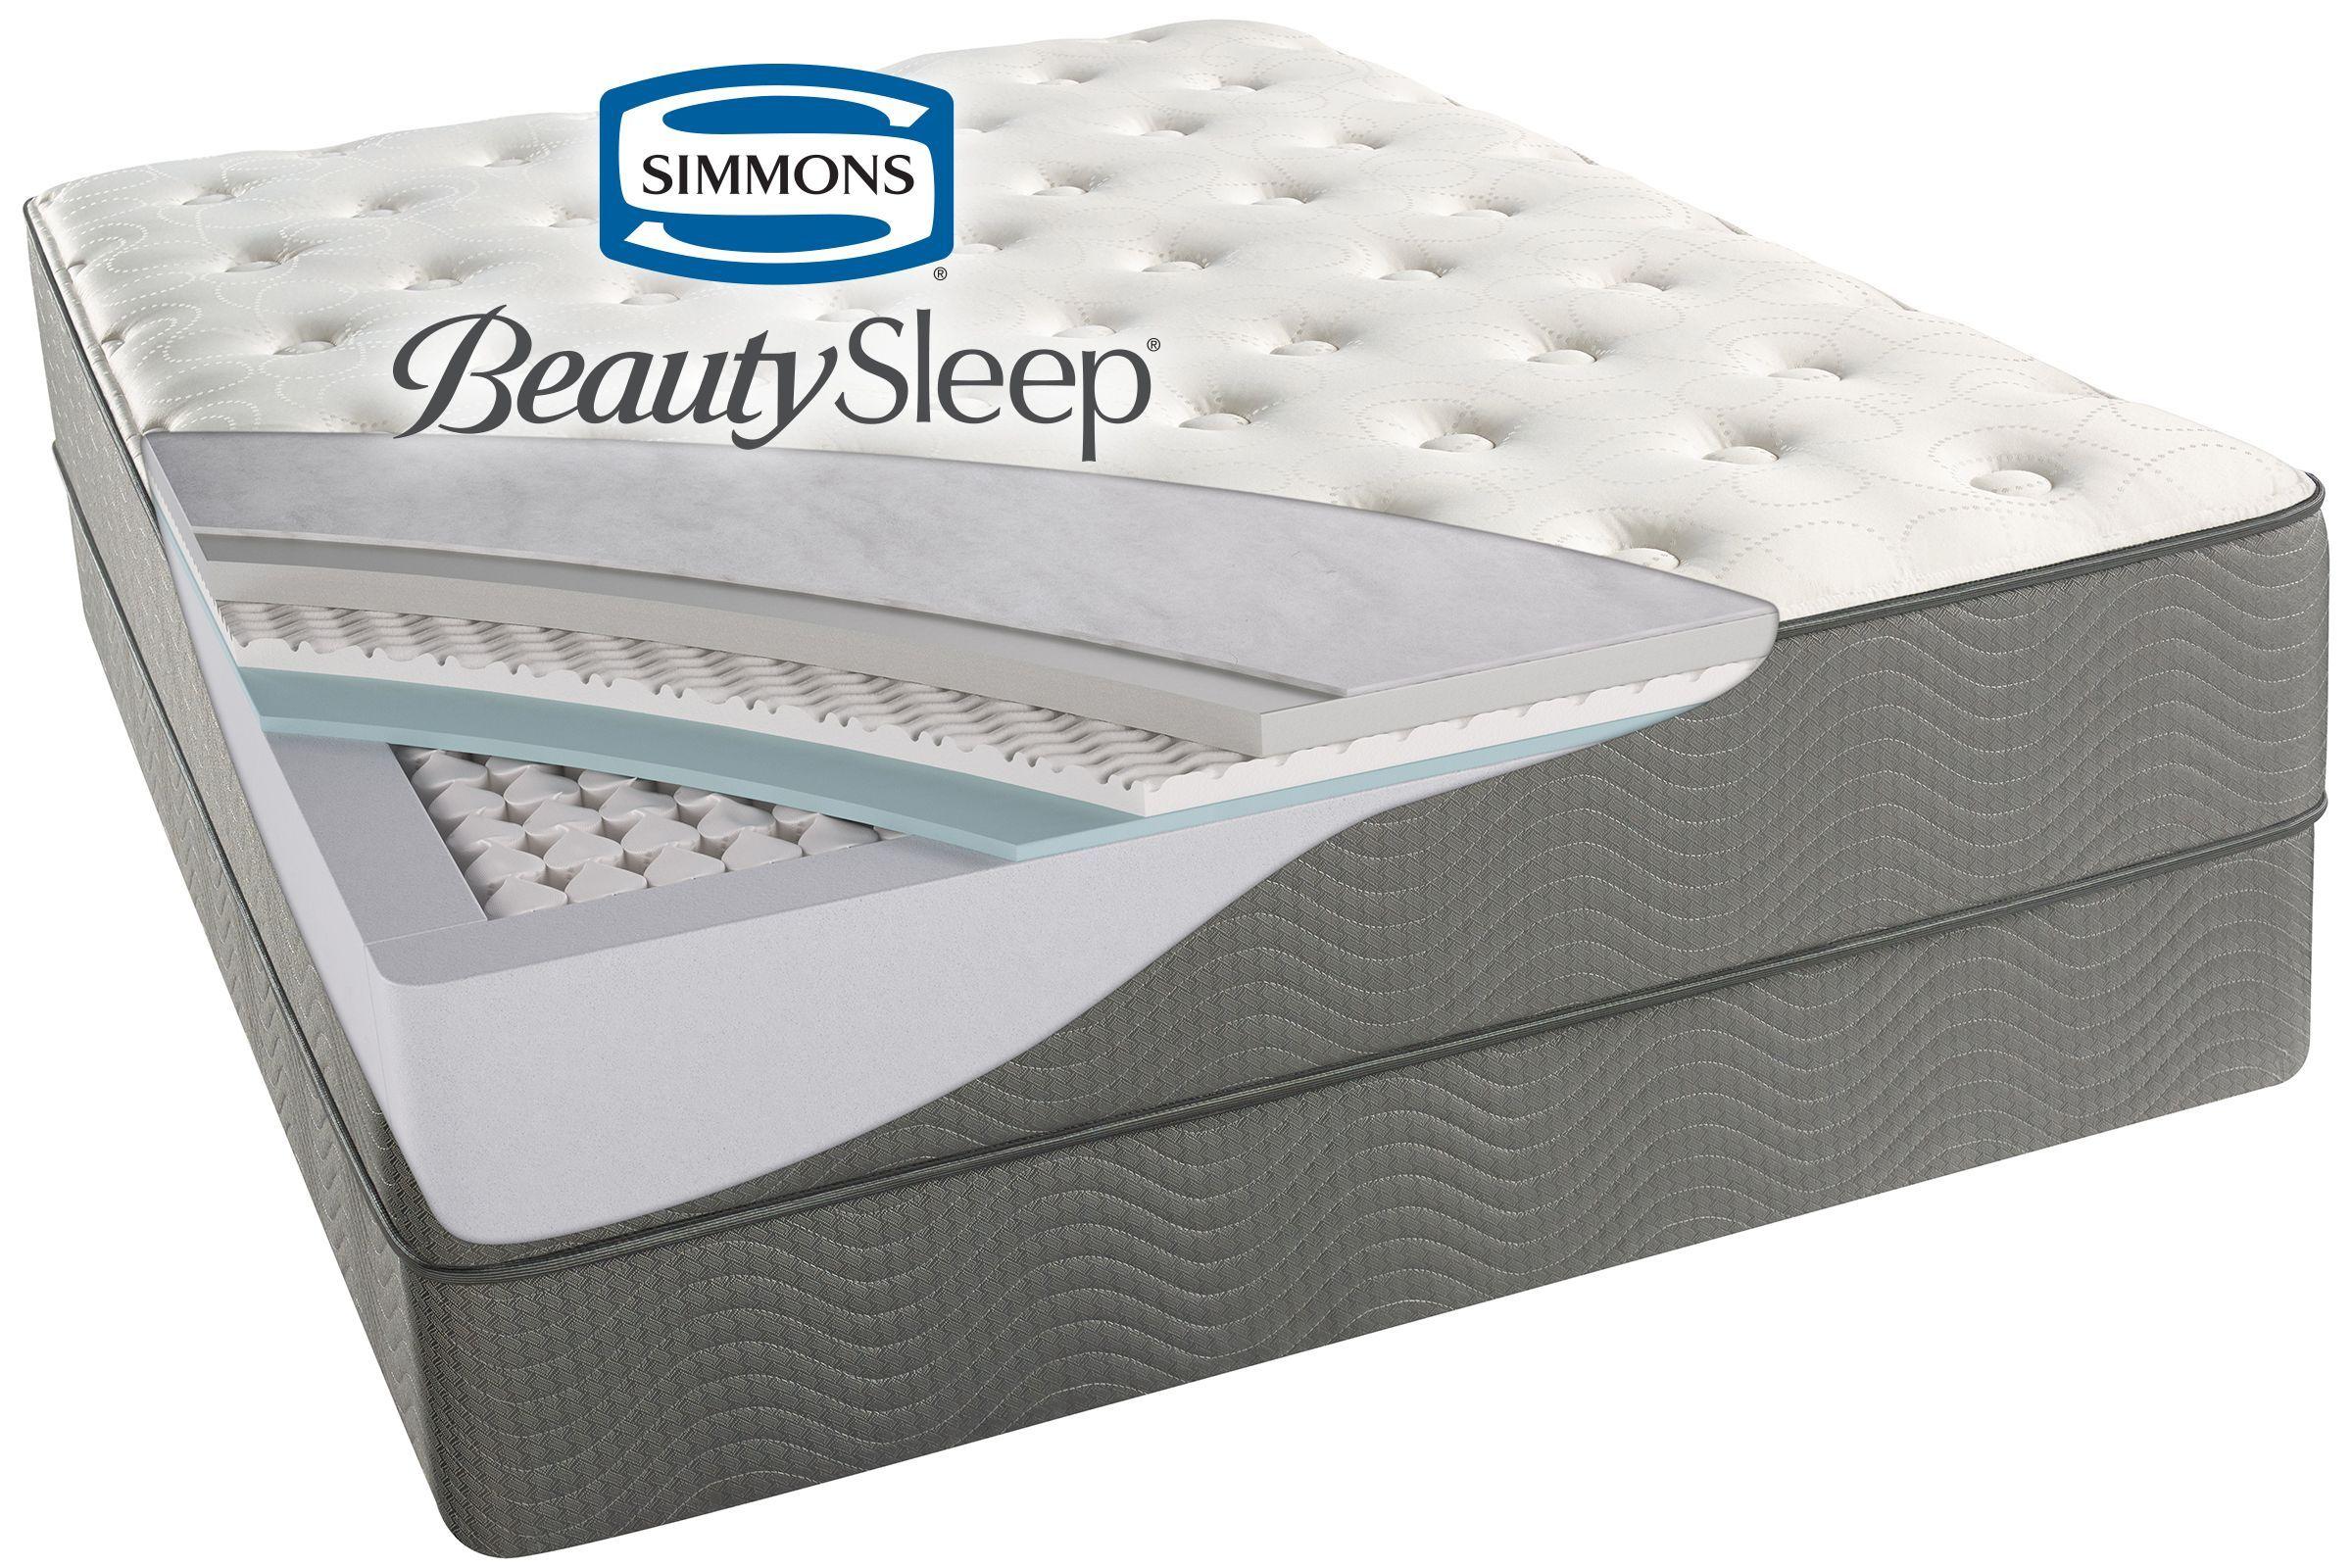 Simmons Beautysleep Beaver Creek Plush Queen Mattress Mattress Adjustable Base Queen Mattress